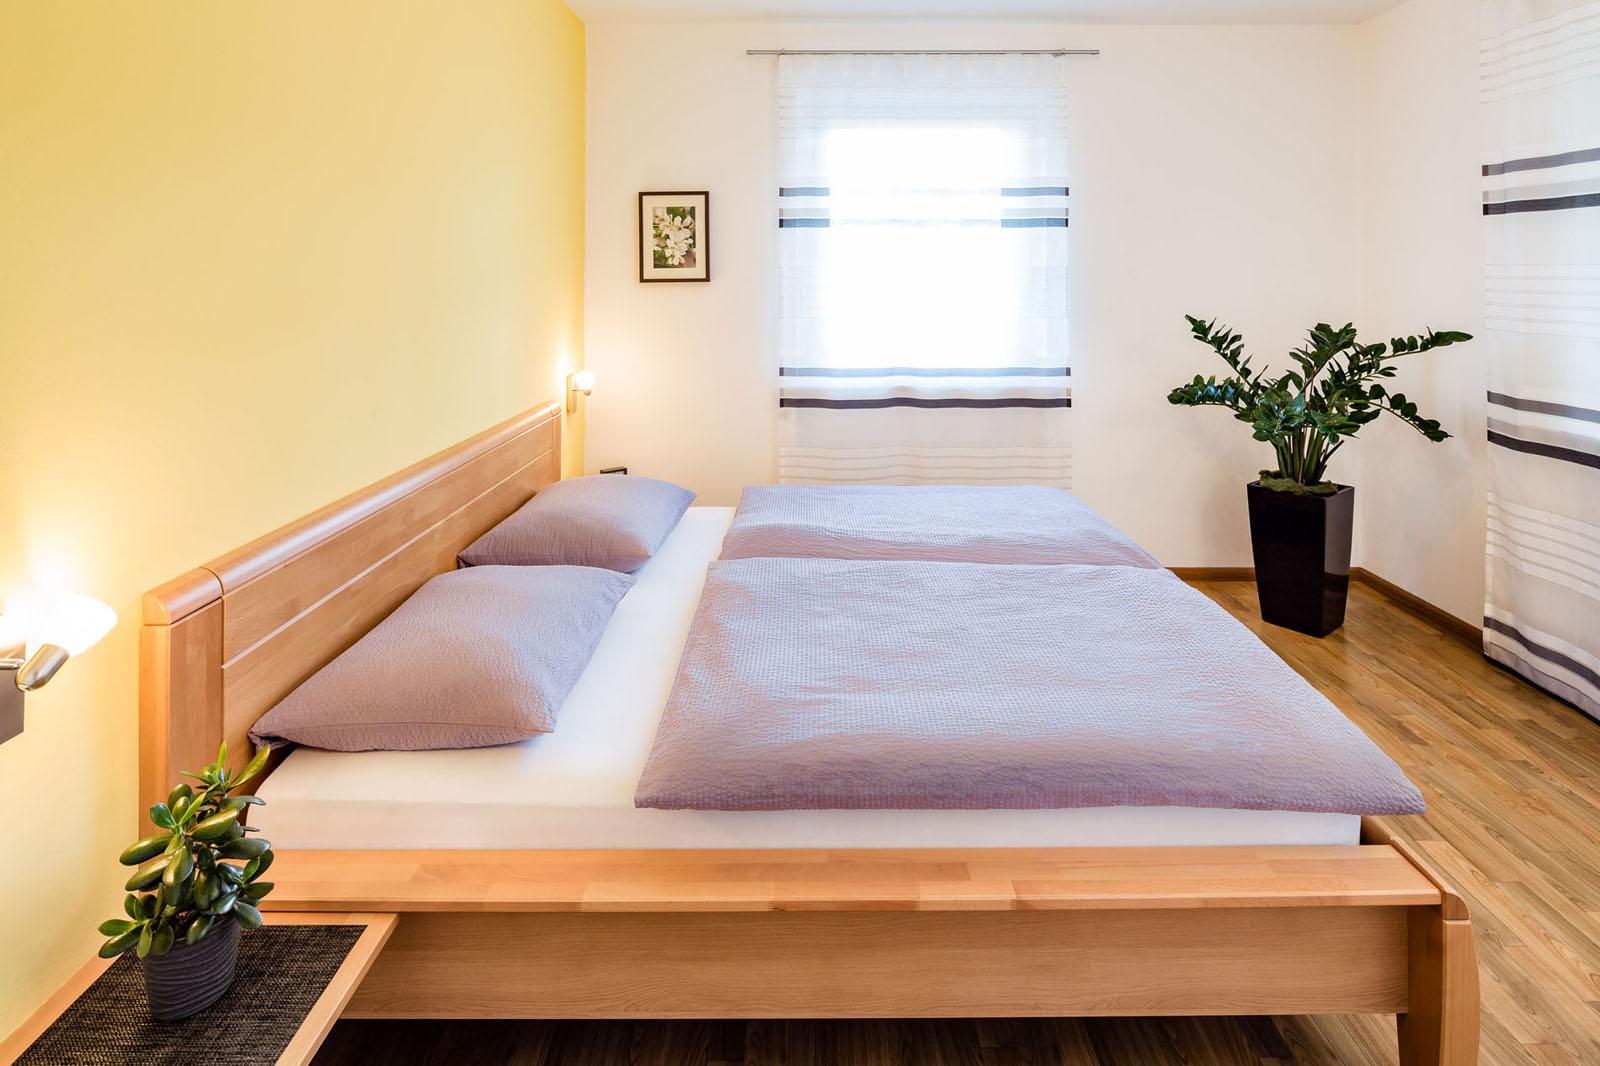 ferienwohnungen in tramin urlaub s dtirol. Black Bedroom Furniture Sets. Home Design Ideas